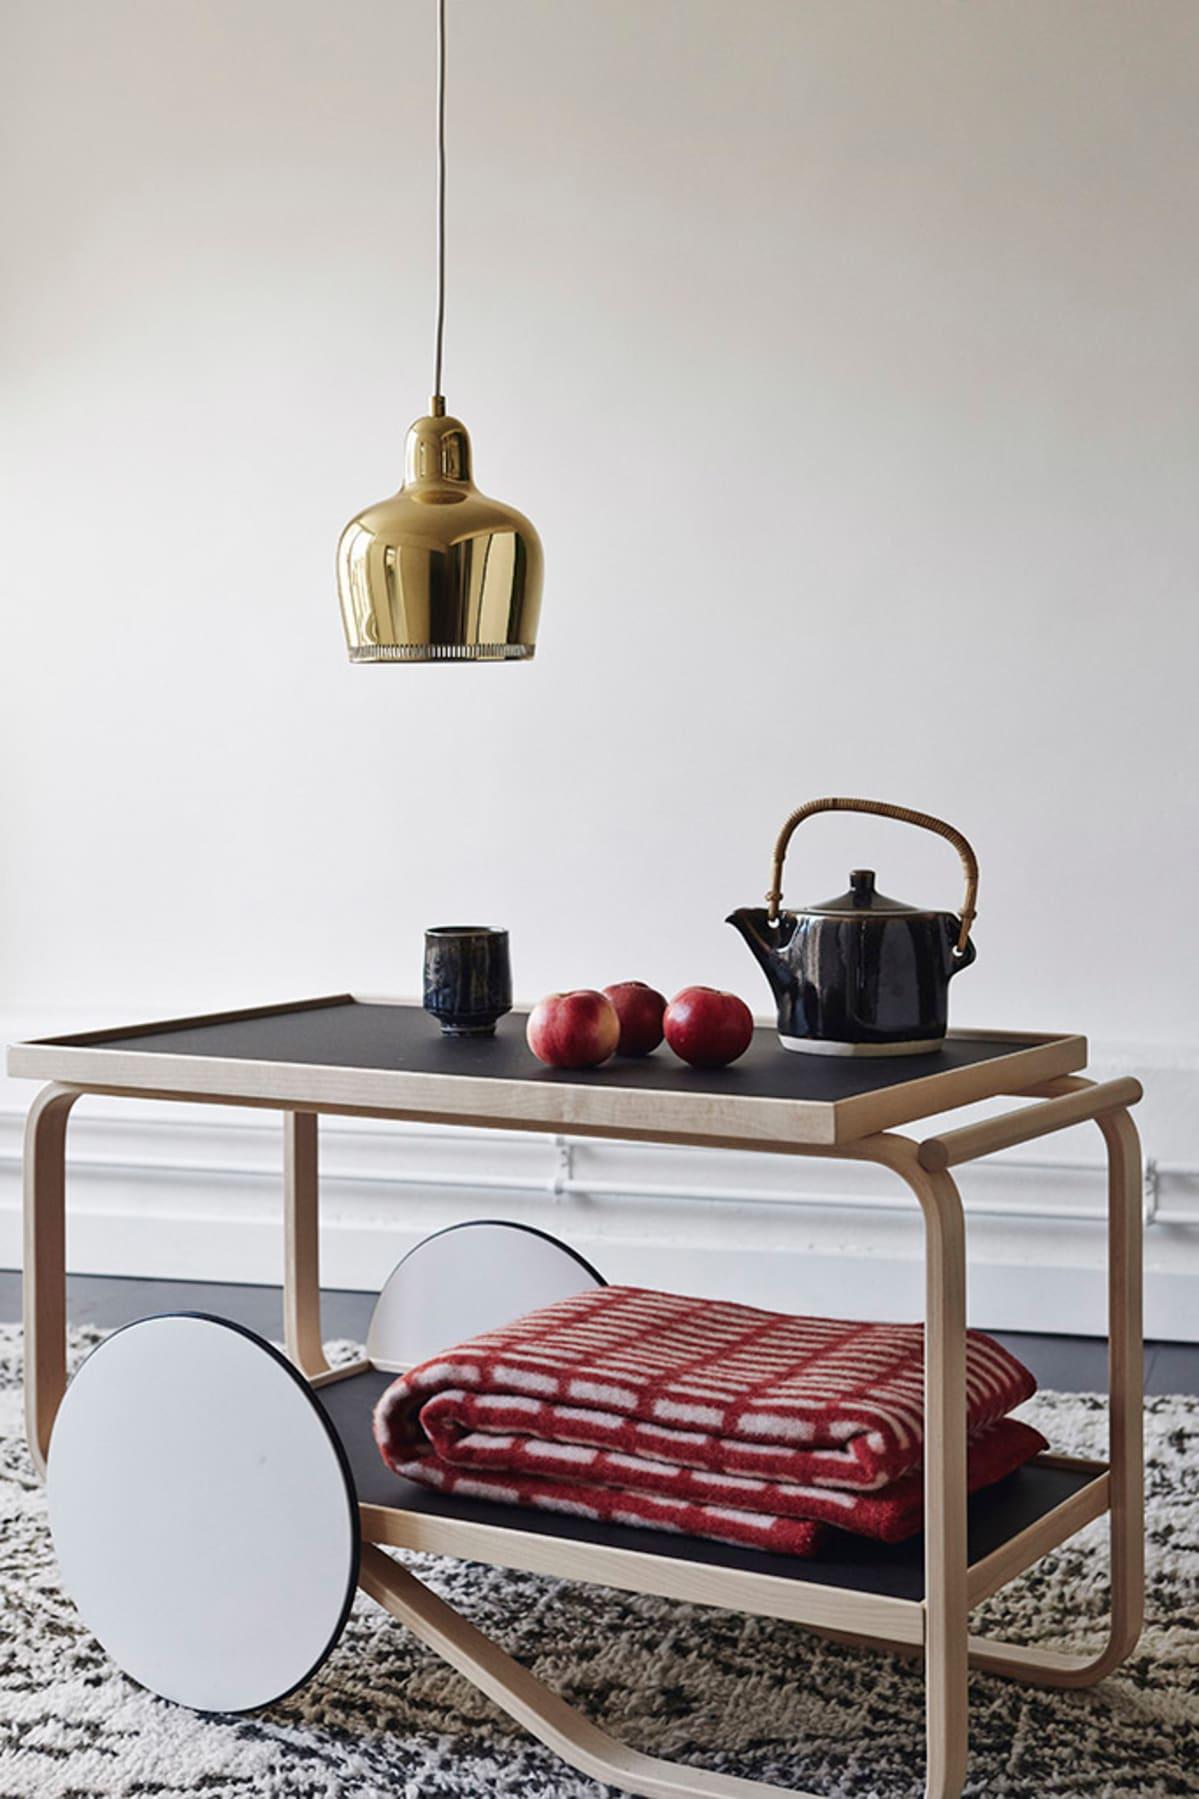 Vuonna 1935 perustettu Artek on myynyt suomalaista designia jo usean  sukupolven ajan.Mikko Ryhänen e393e37c89